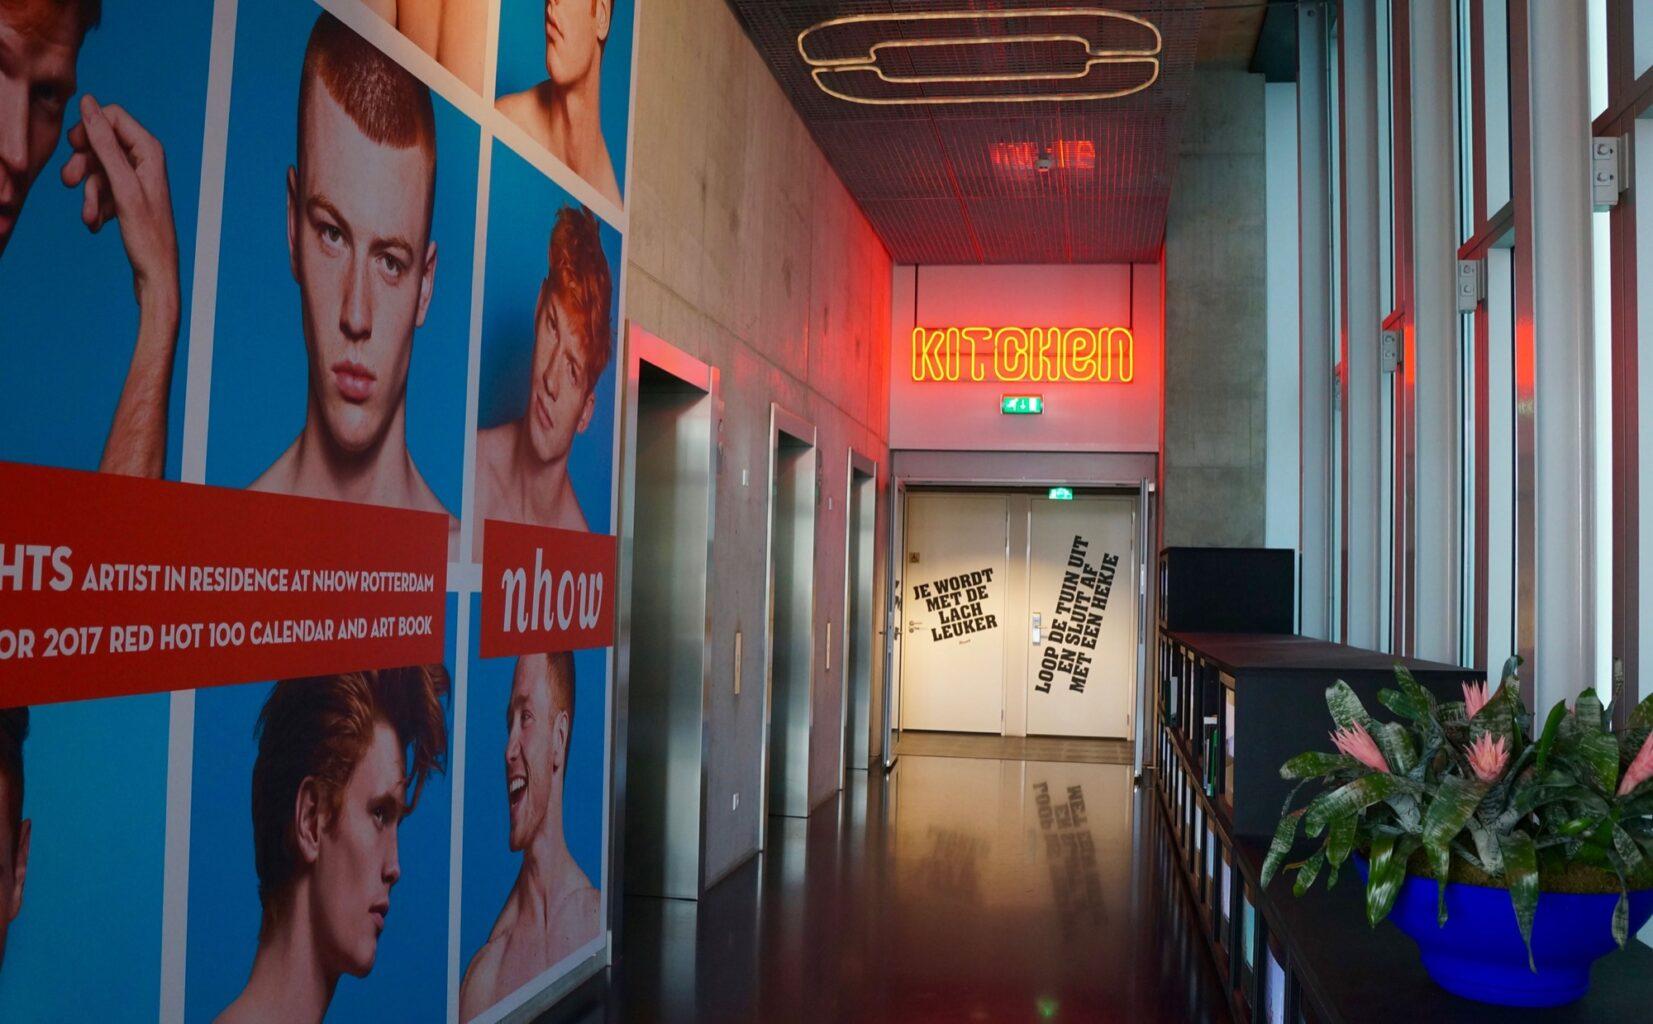 Nhow hotel Rotterdam design - 1